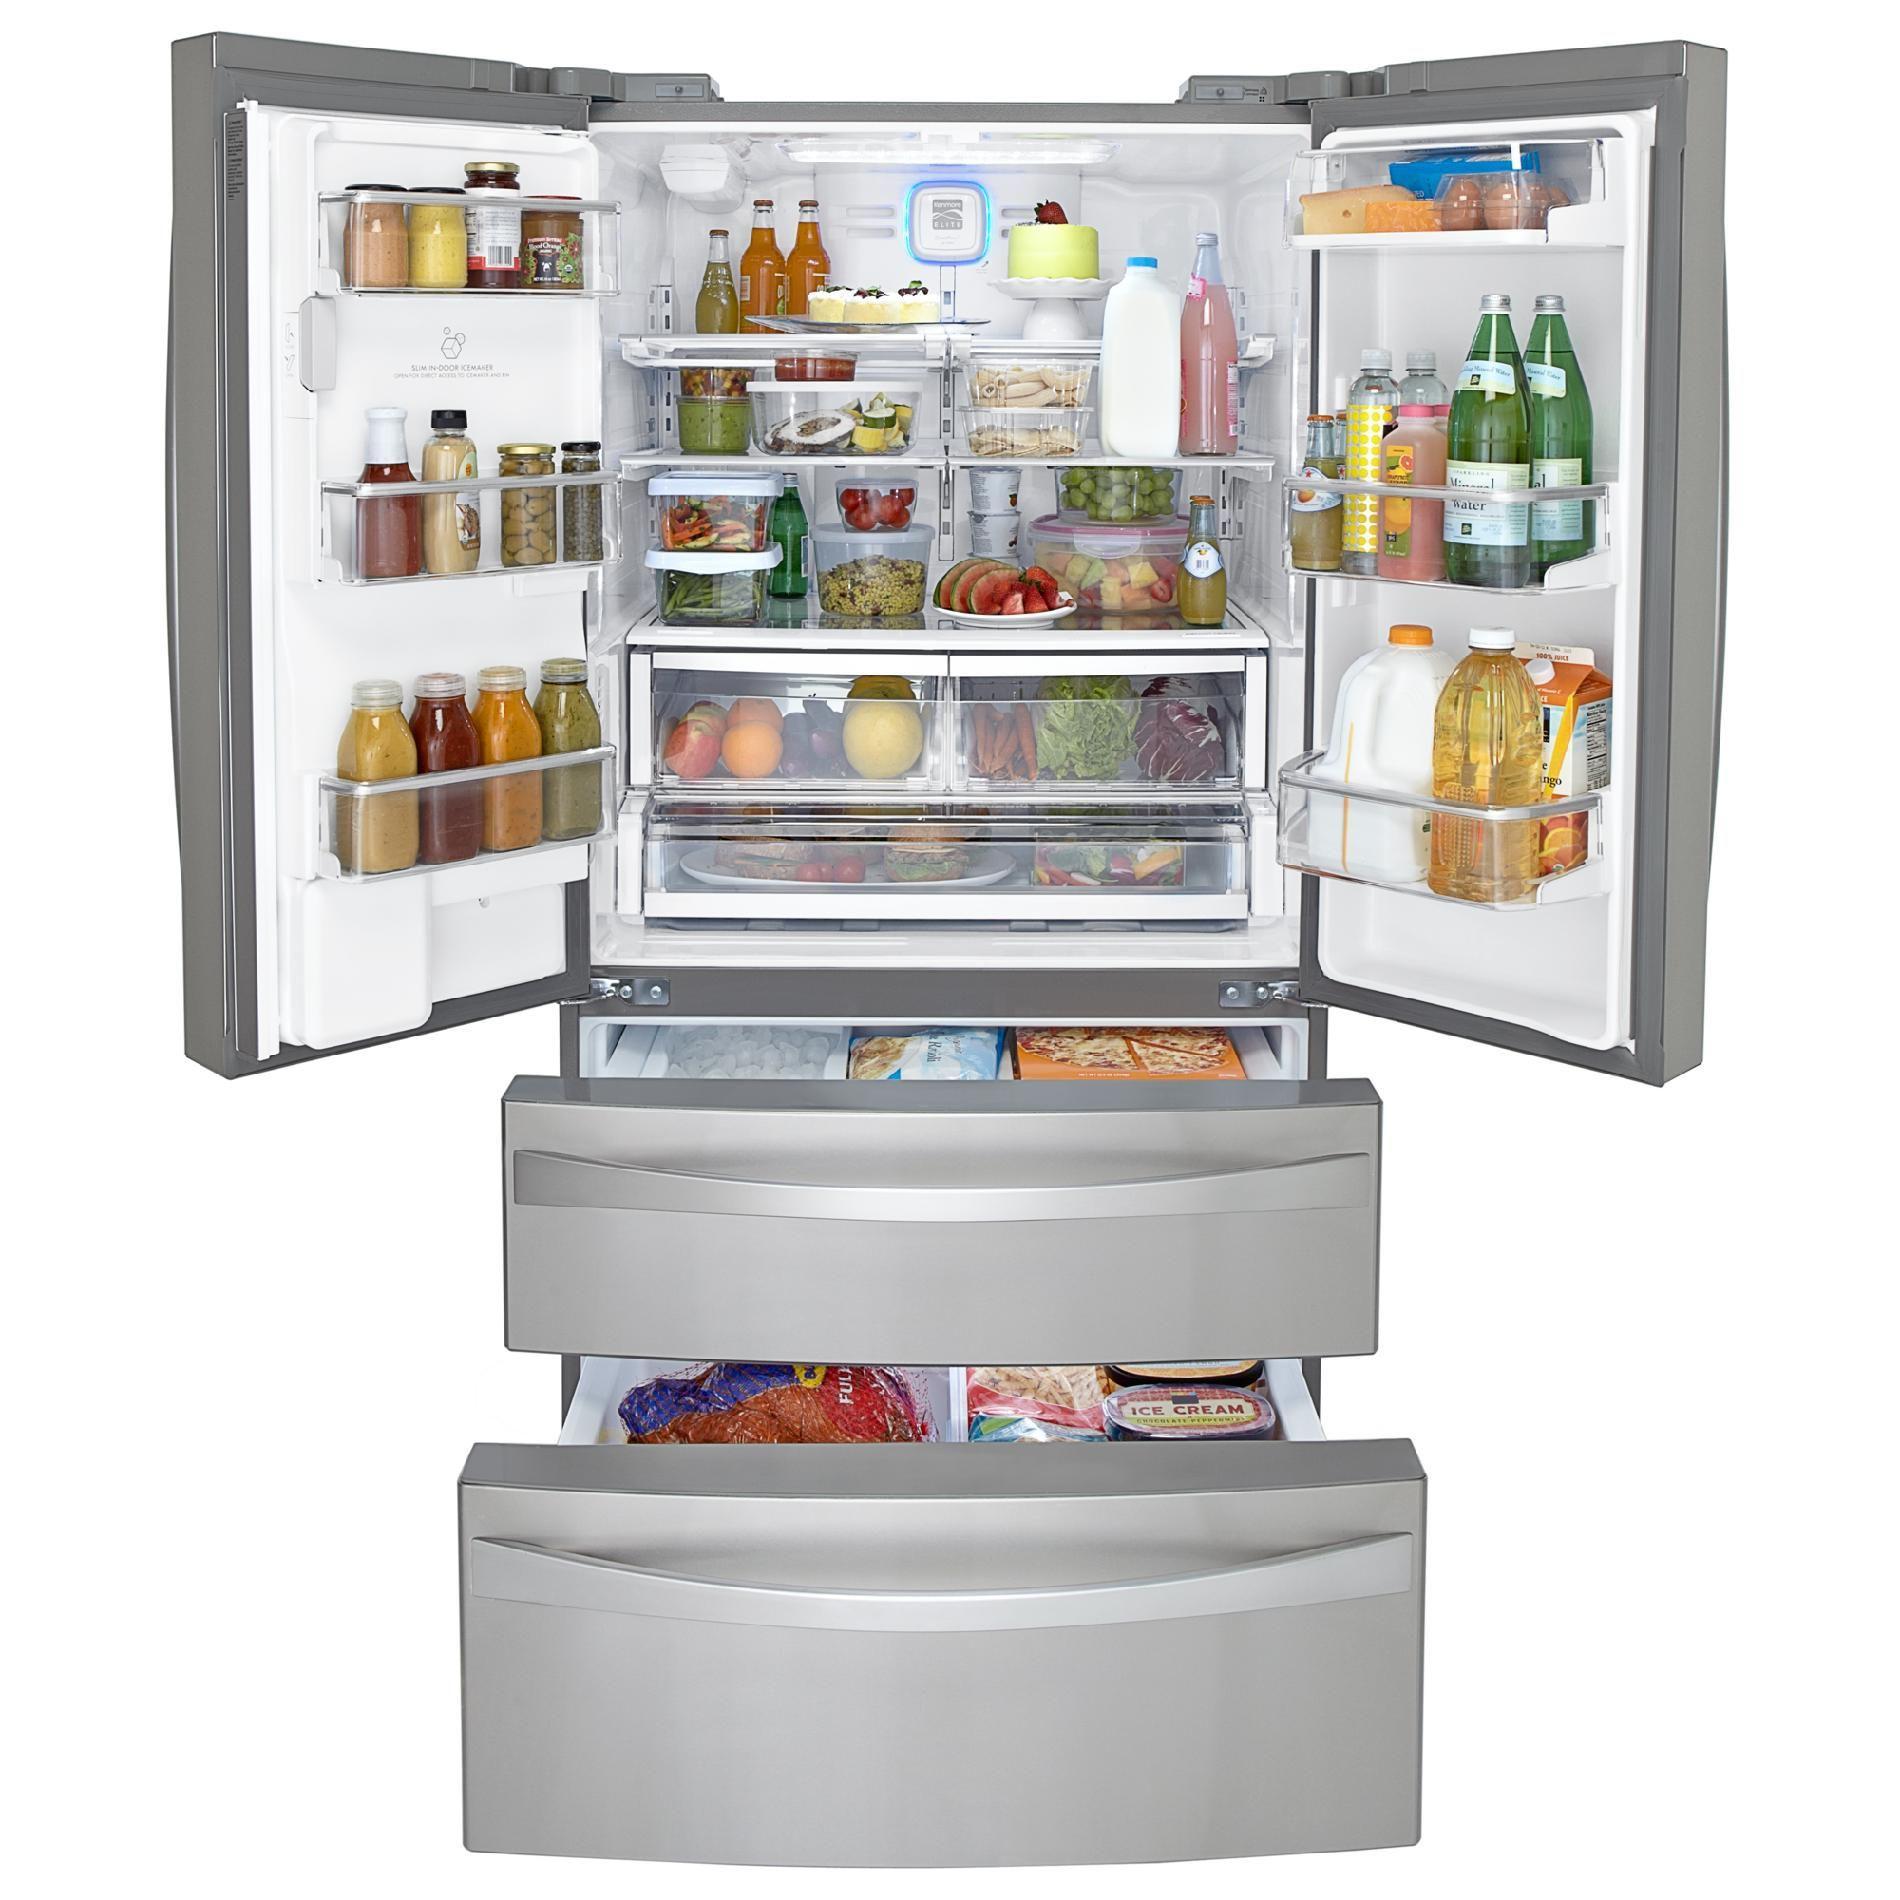 Kenmore Elite 72183 31 0 Cu Ft Dual Freezer French Door Bottom Freezer Refrigerator Stainless Steel In 2020 French Door Bottom Freezer Stainless Steel Refrigerator Bottom Freezer